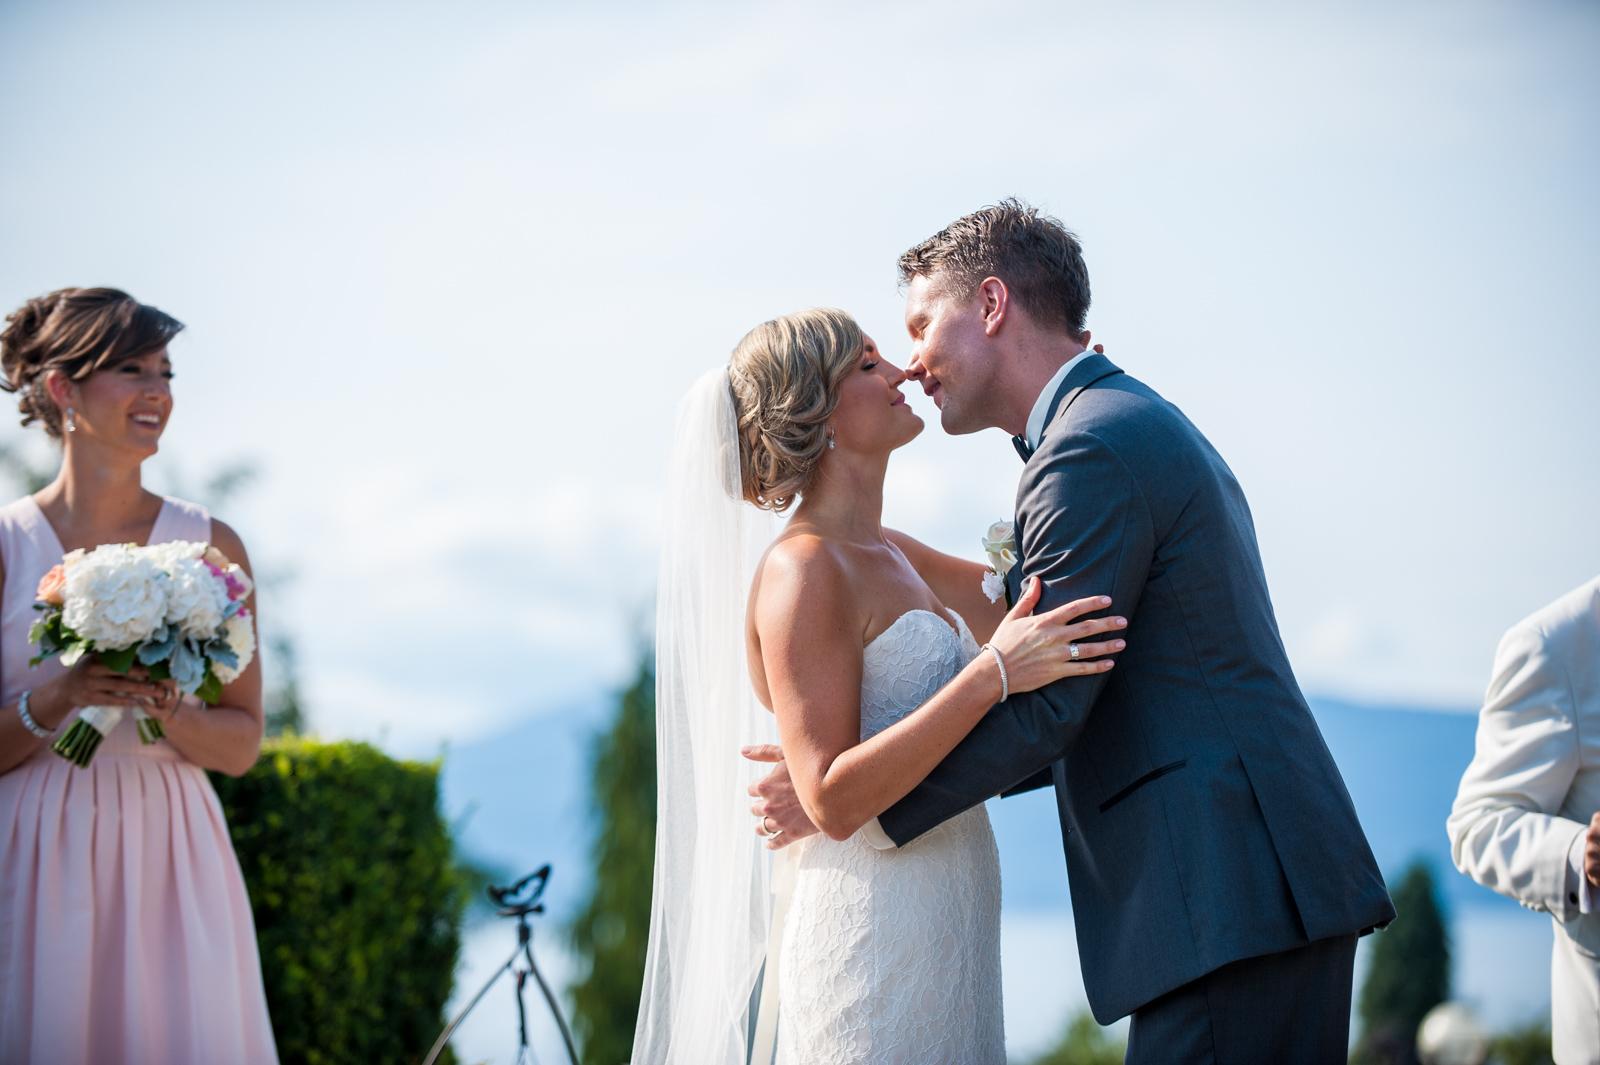 victoria-wedding-photographers-ubc-rose-garden-sage-bistro-wedding-32.jpg